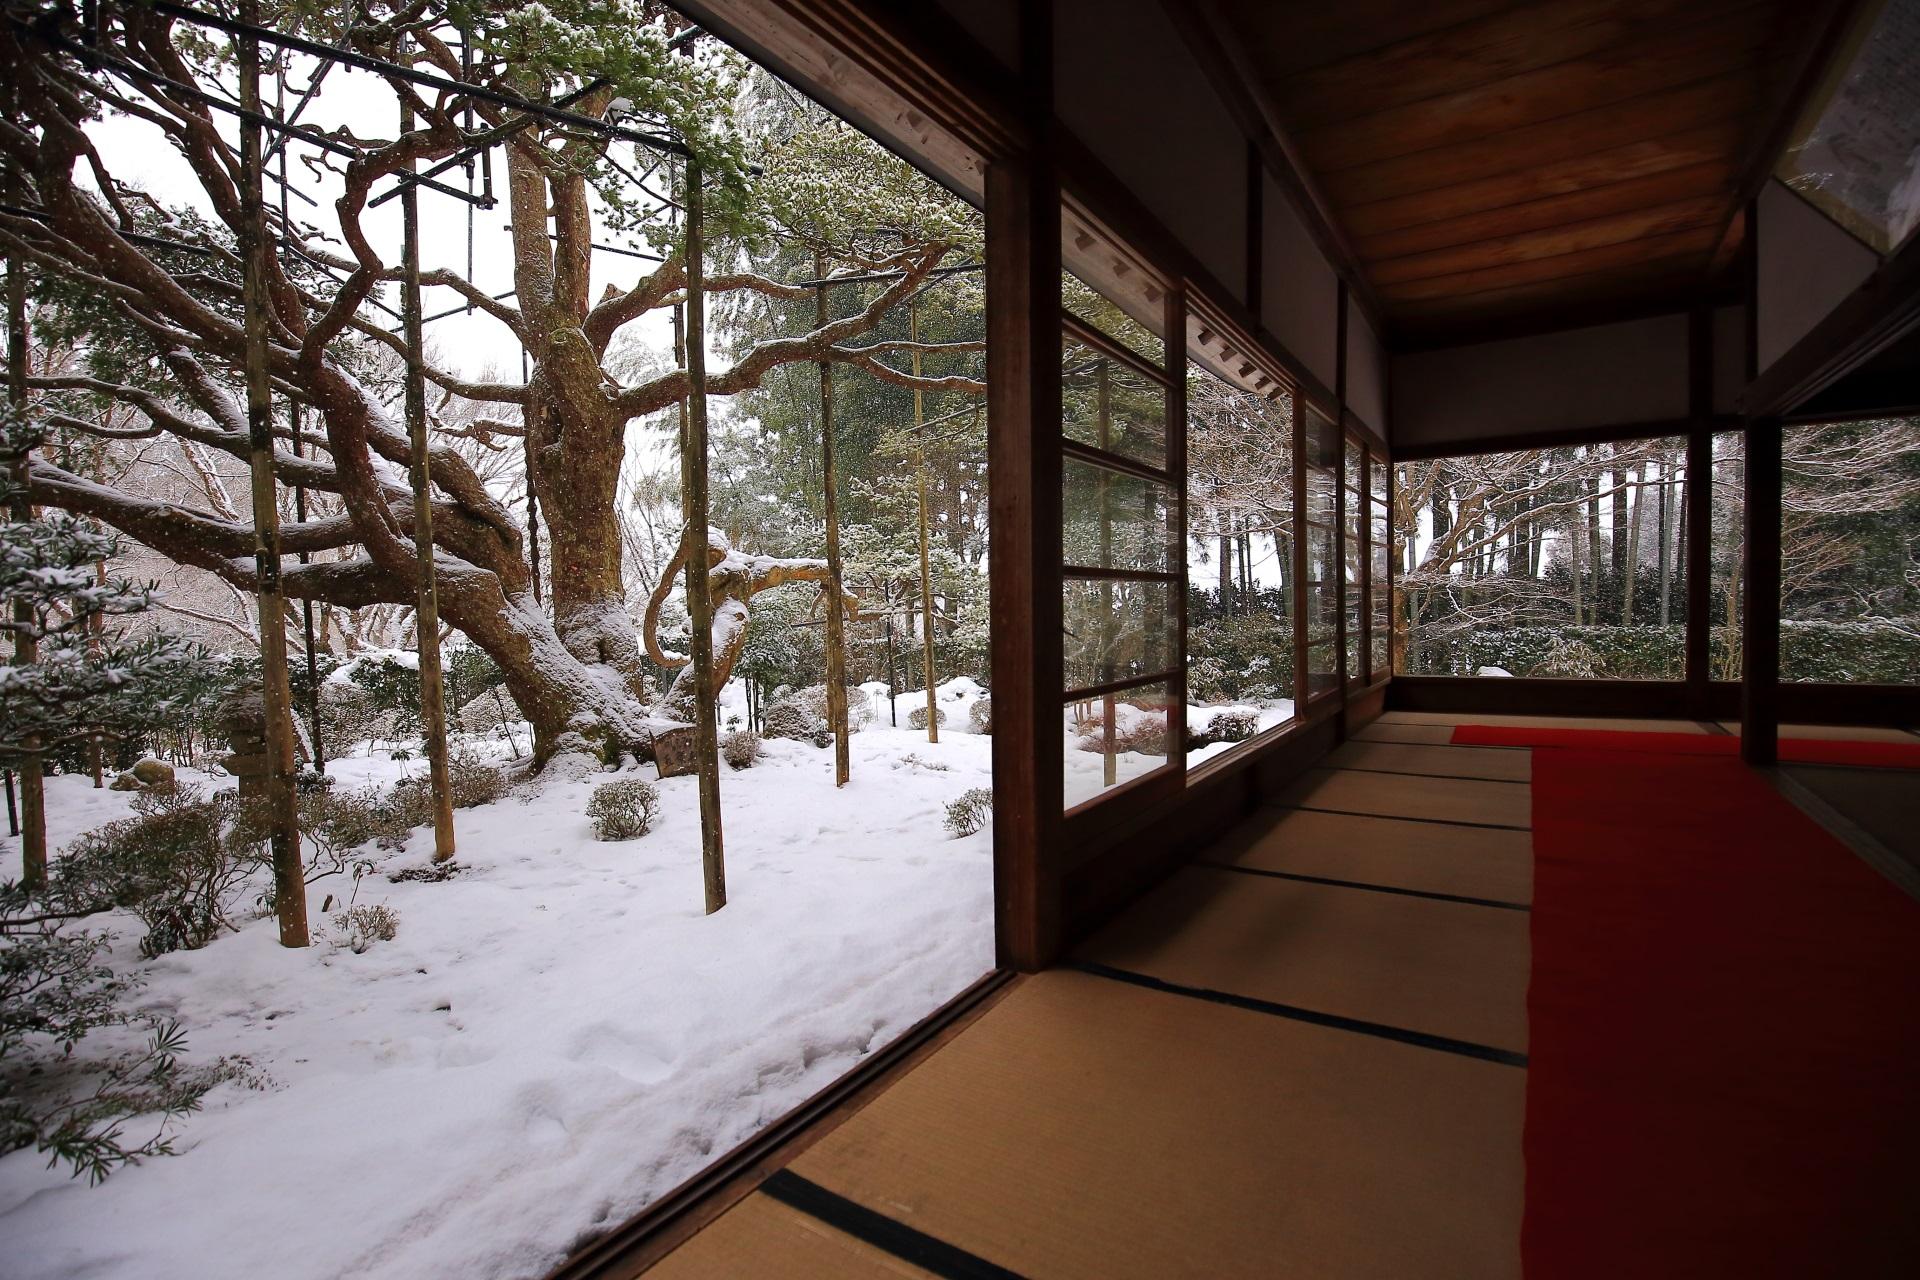 Hosenin-Temple snowy landscape in Ohara Kyoto,Japan